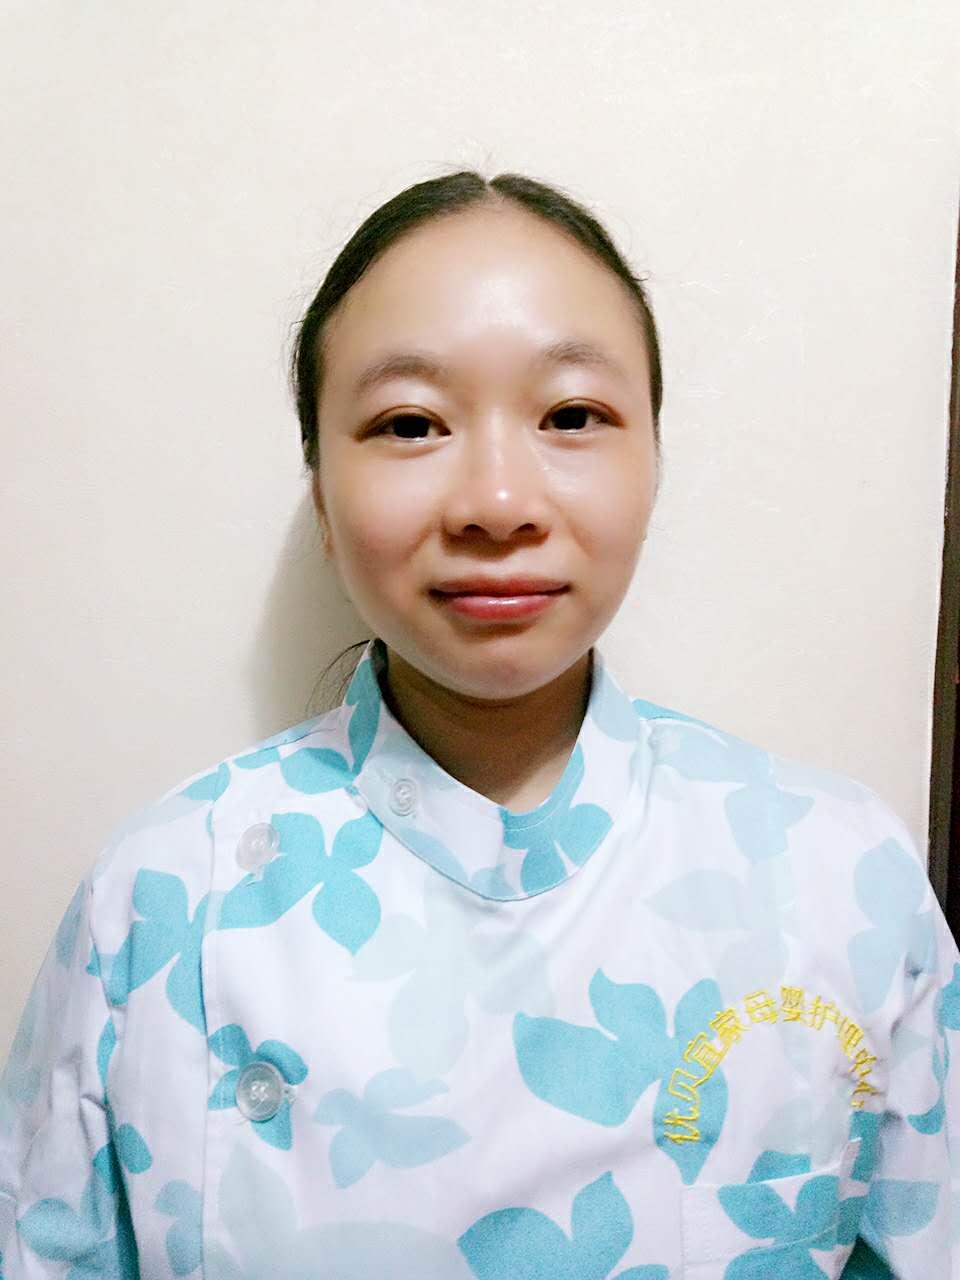 鹤山市冯金铭